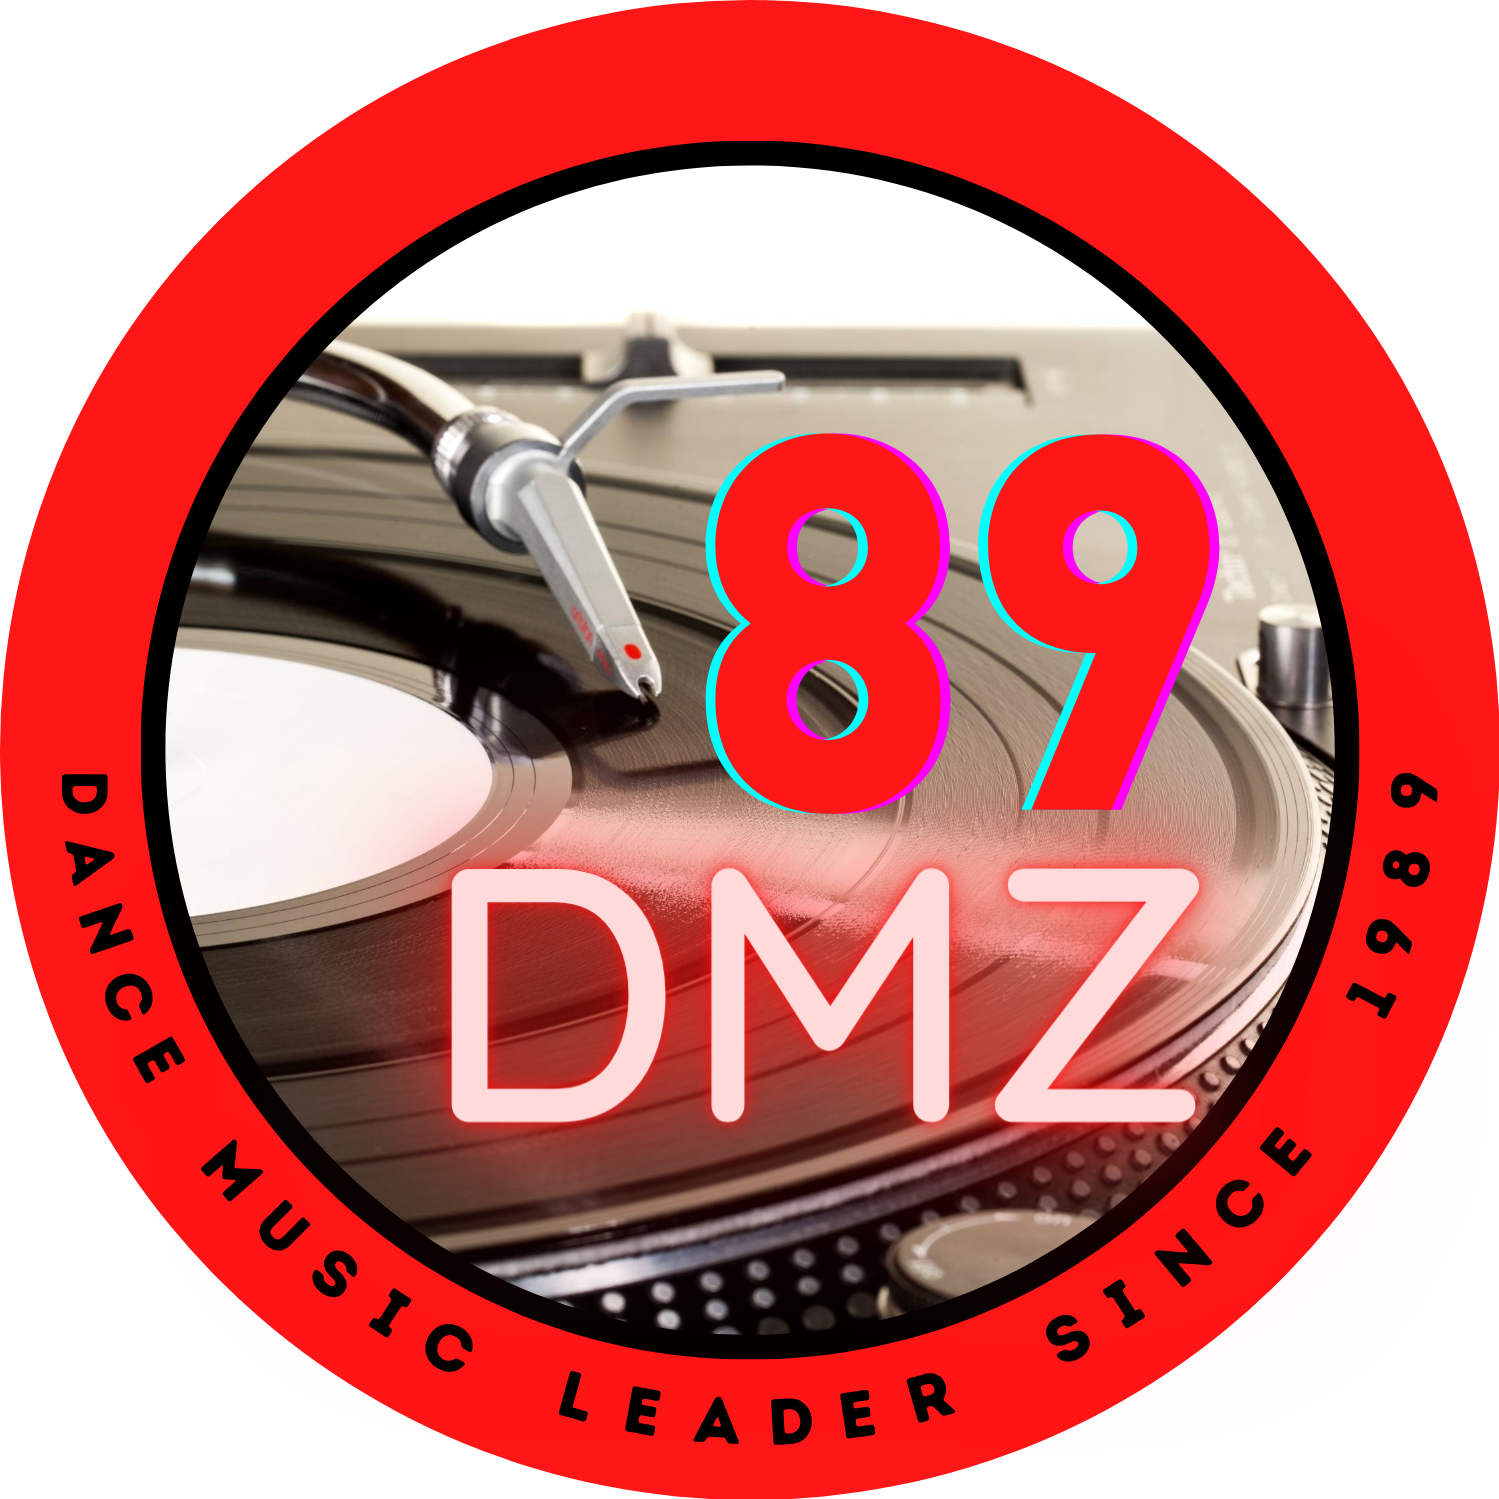 89 DMZ ONLINE